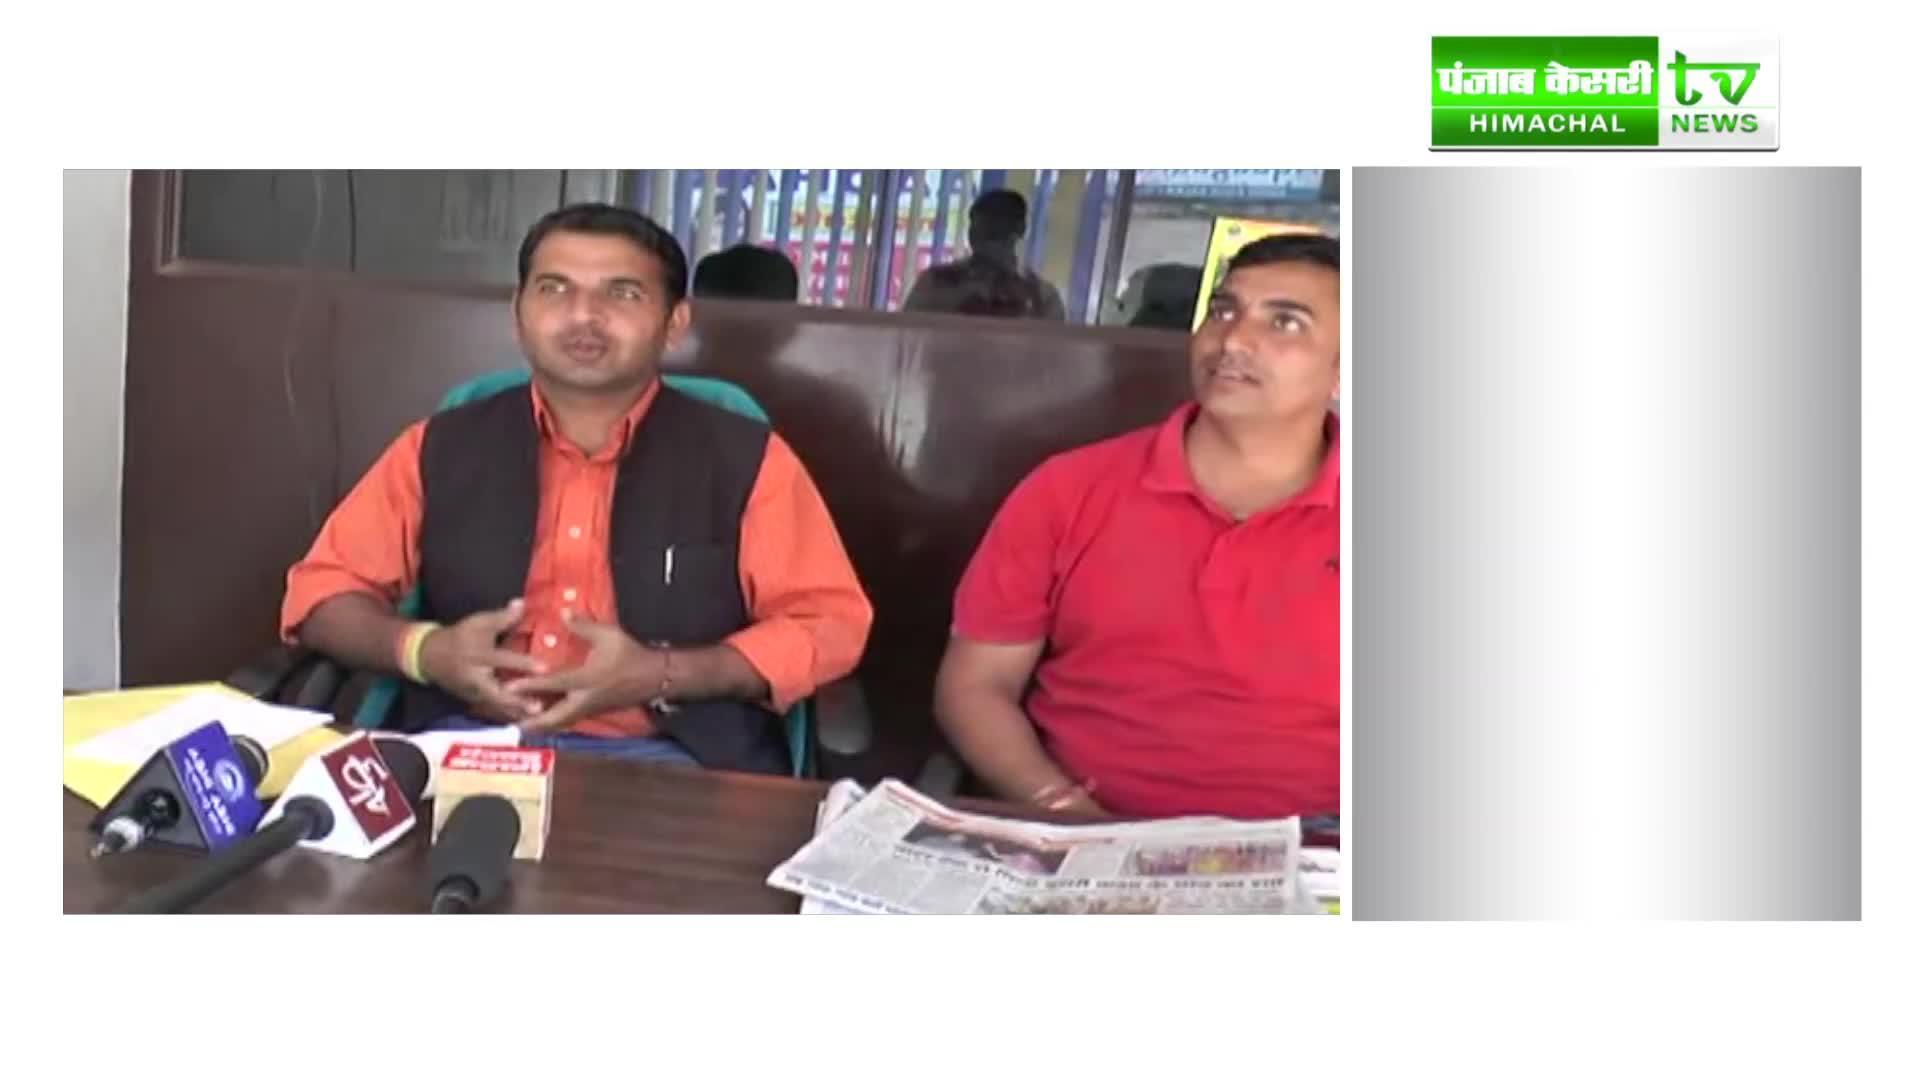 Image of बीजेपी का पलटवार, पहले जनता से किए वायदों का जवाब दे कांग्रेस